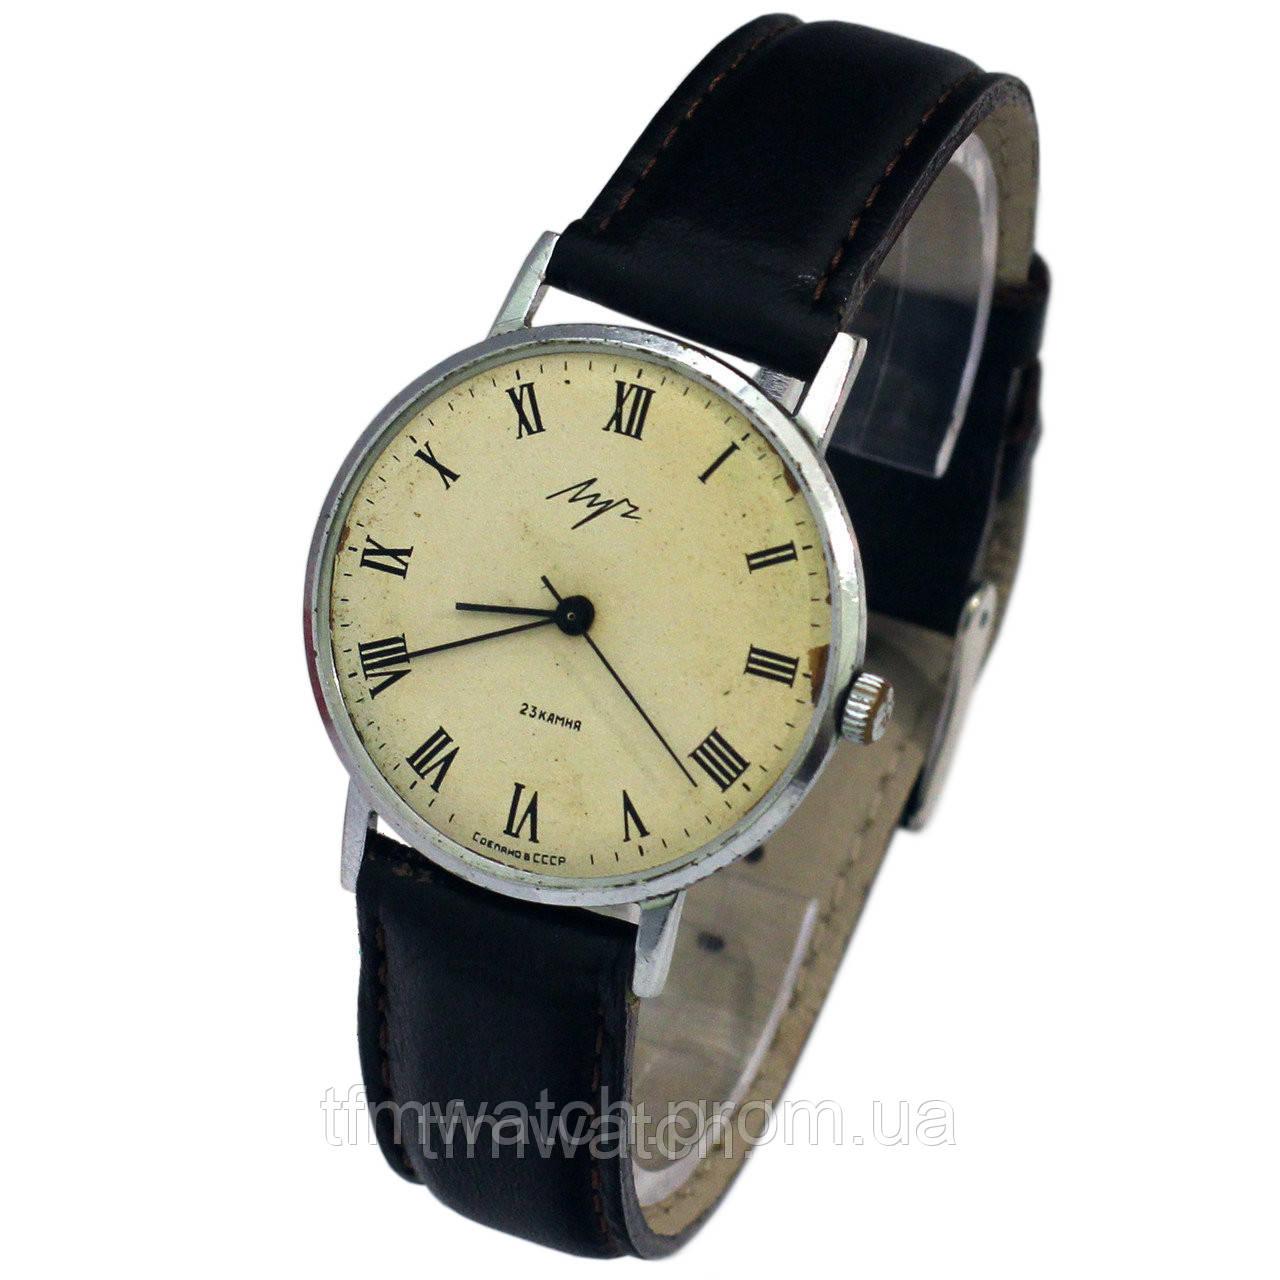 23 луч камня часы цена продать часов боем маяк с настенных стоимость